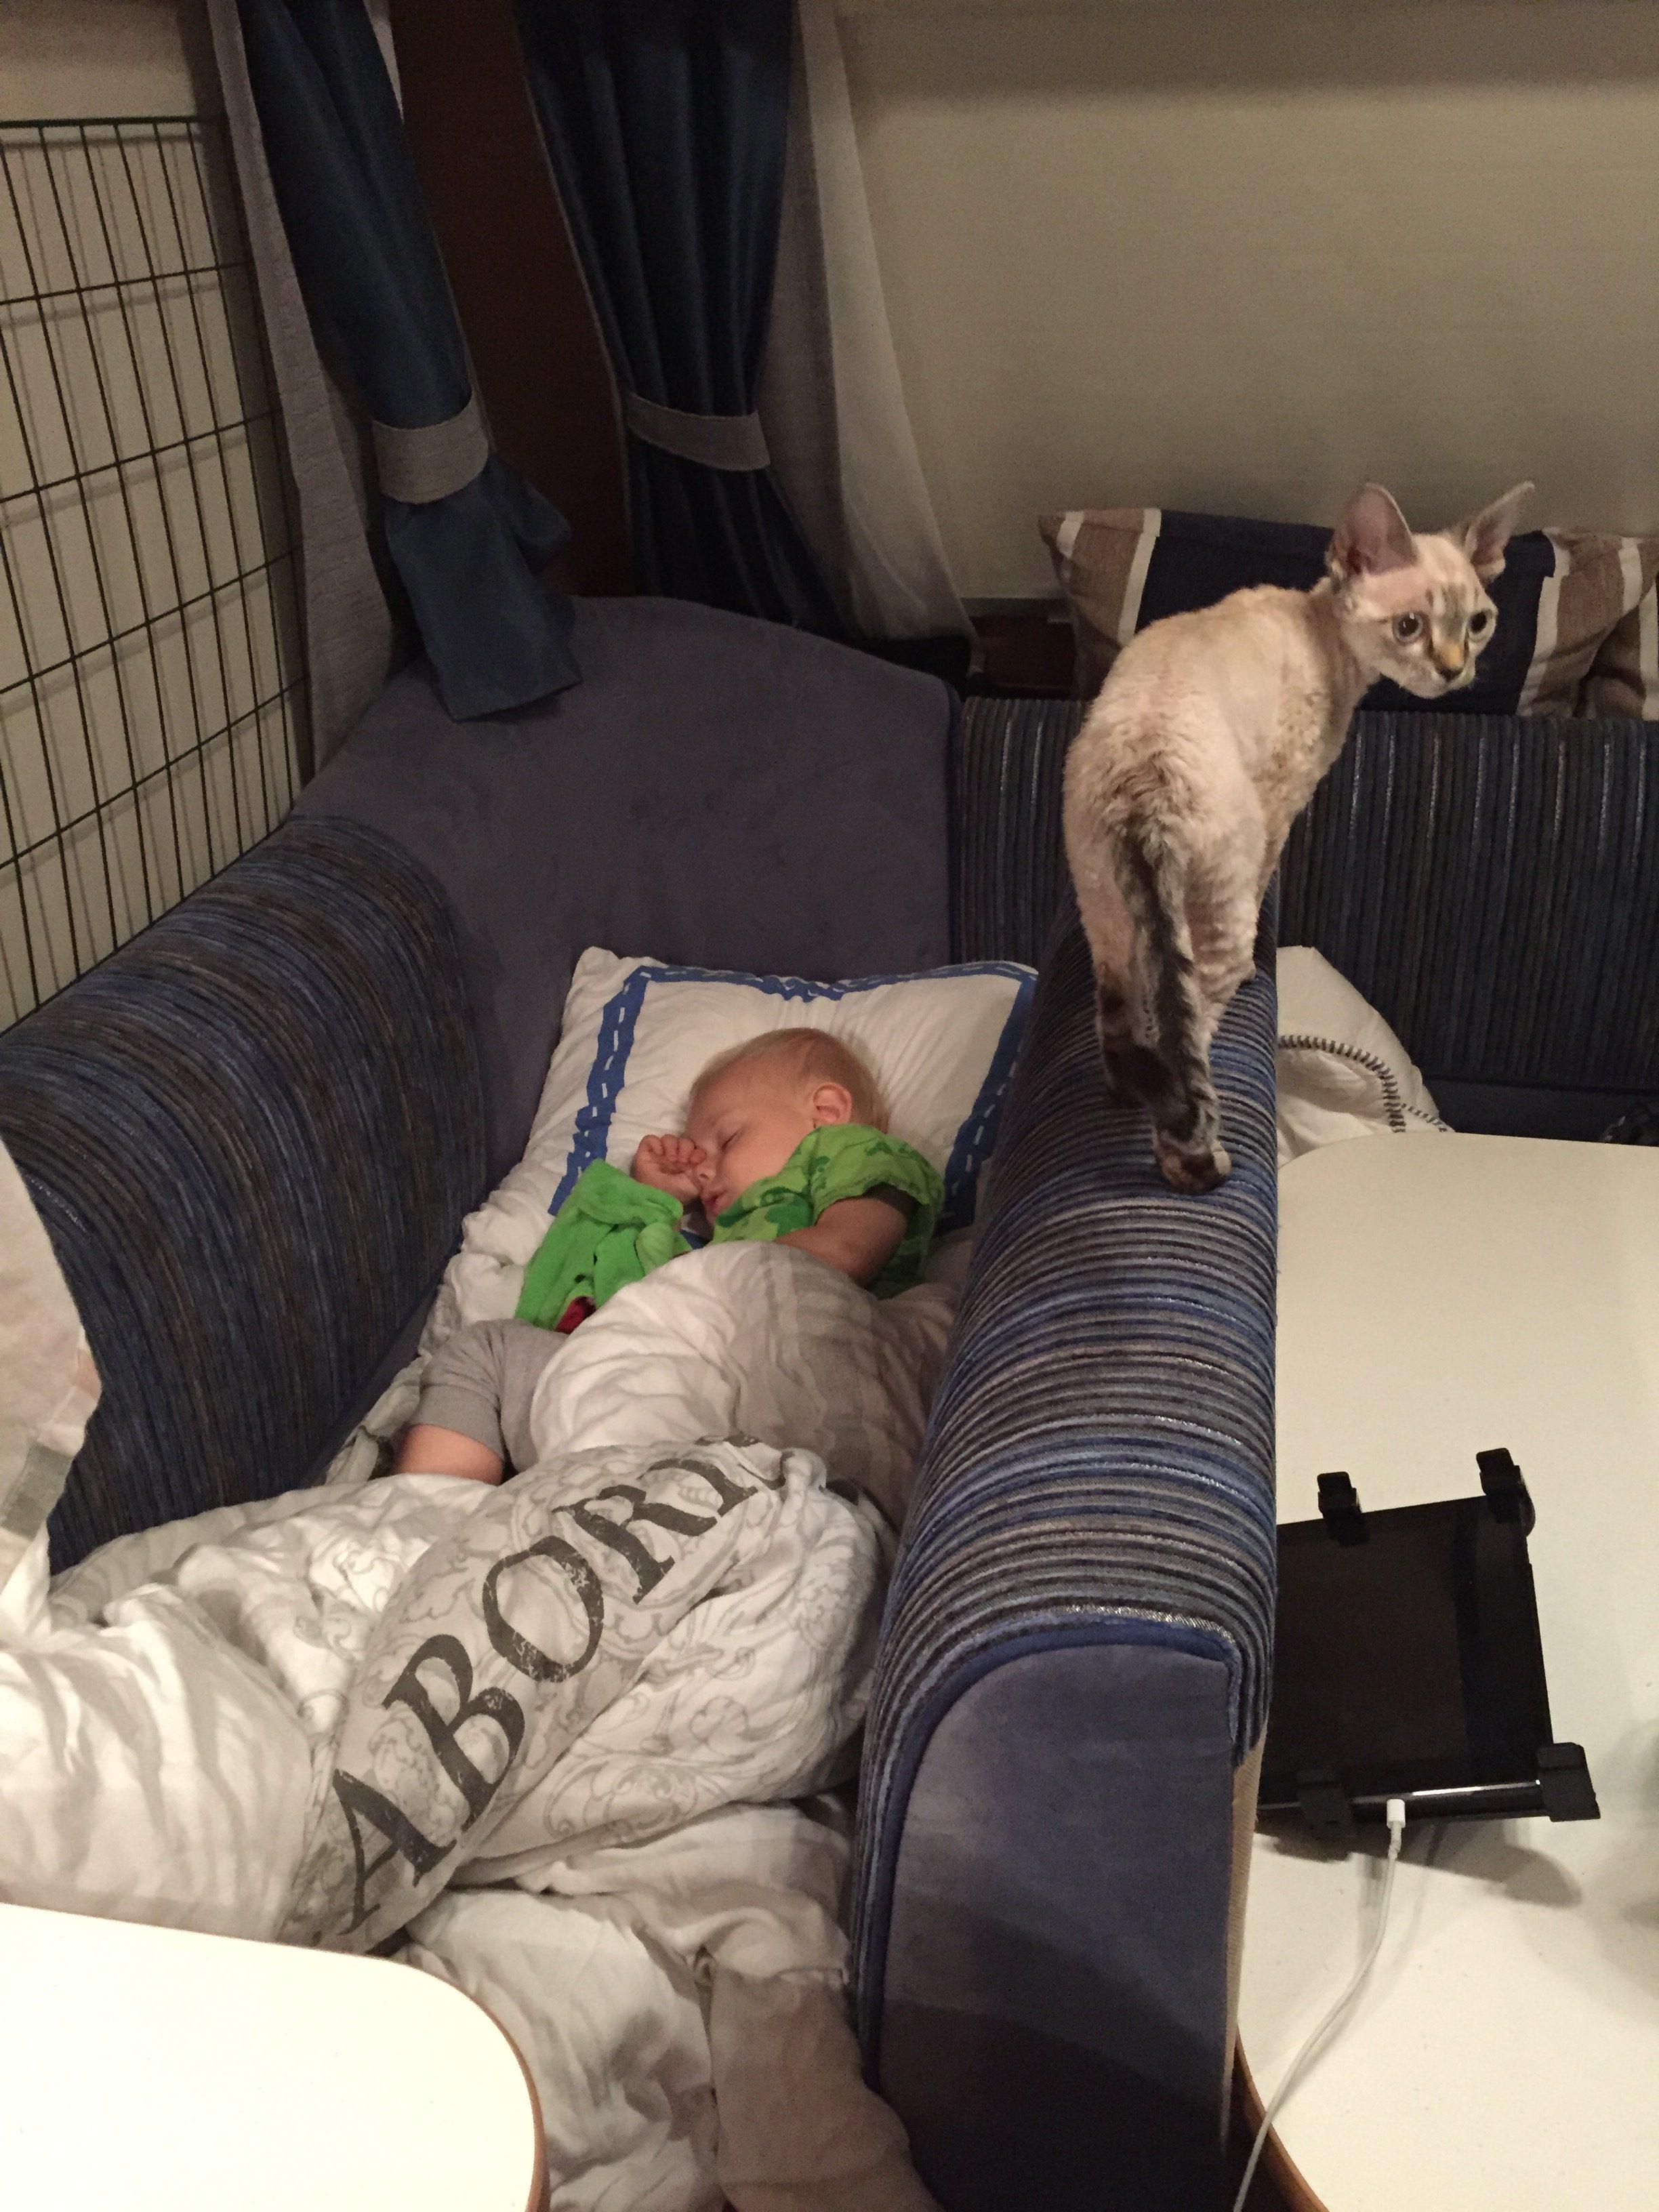 När de större barnen sov under vår säng fick Kevin sova i soffan så att vi slapp bädda upp. Såhär kan man också lösa det om barnet behöver spjälsäng.